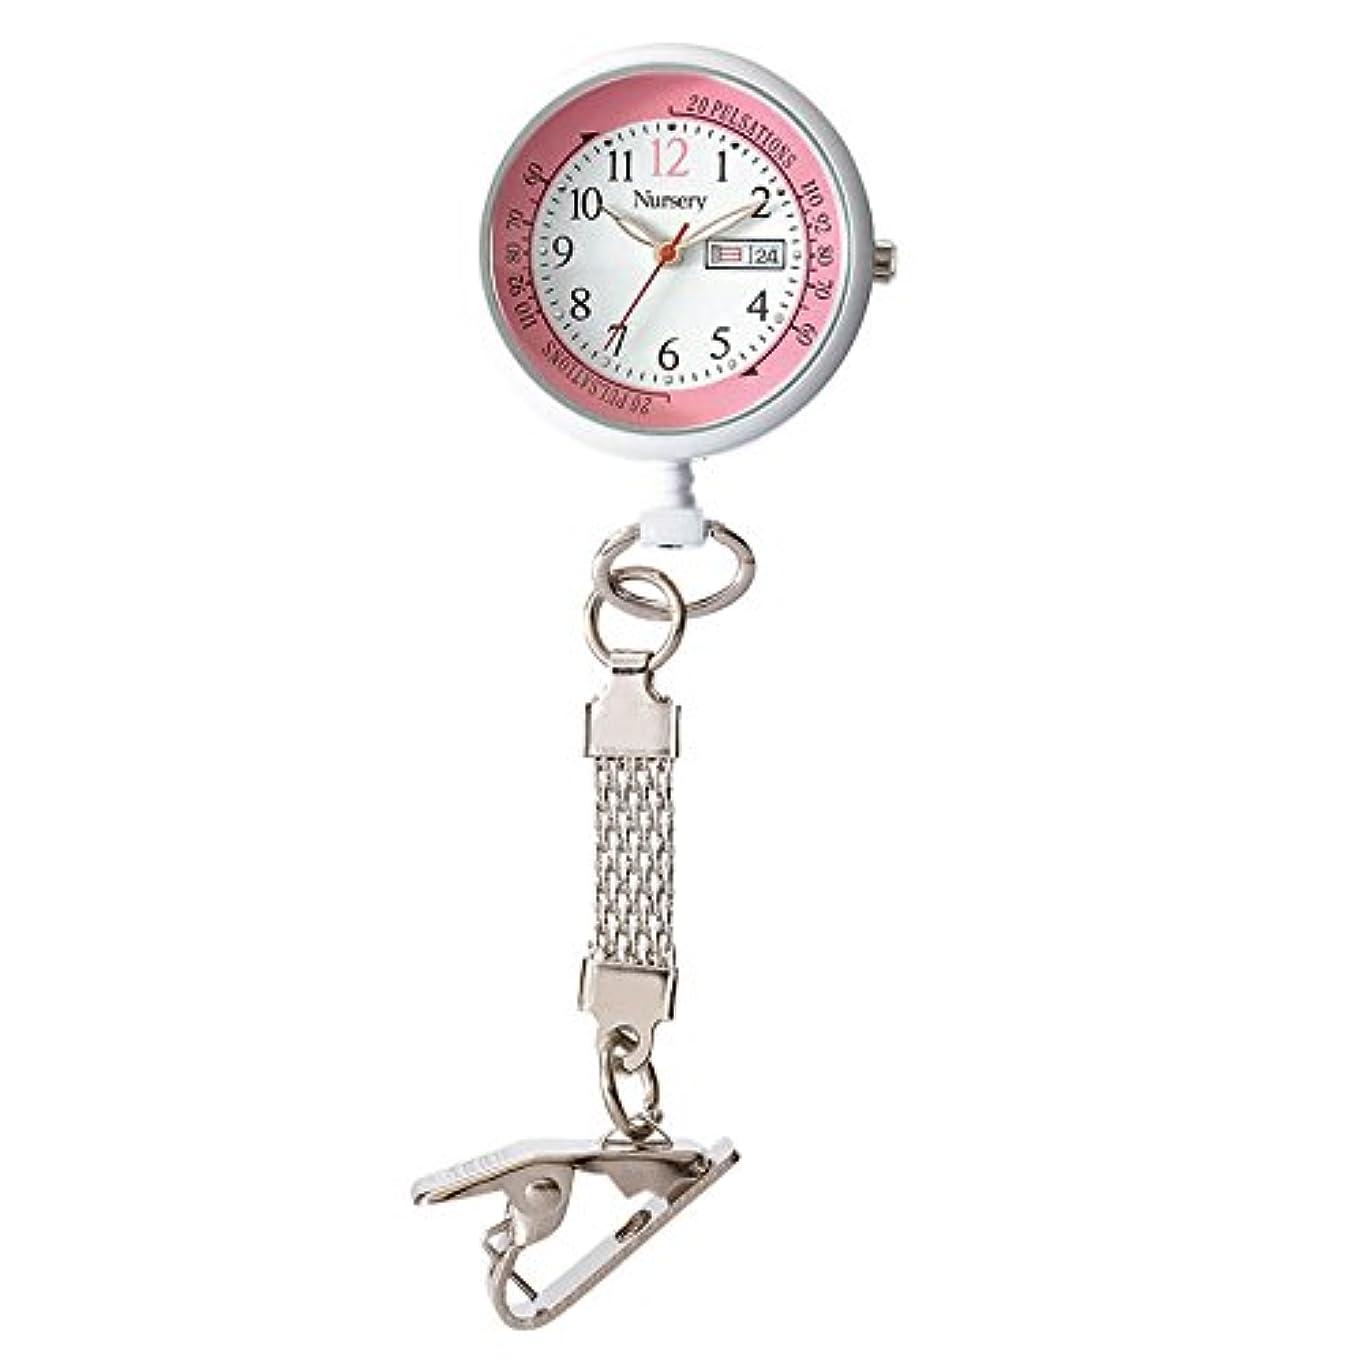 要旨神経衰弱同僚TREEWETO クラシック ローマ数字 機械式 懐中時計 ペンダント チェーン付き ブロンズ